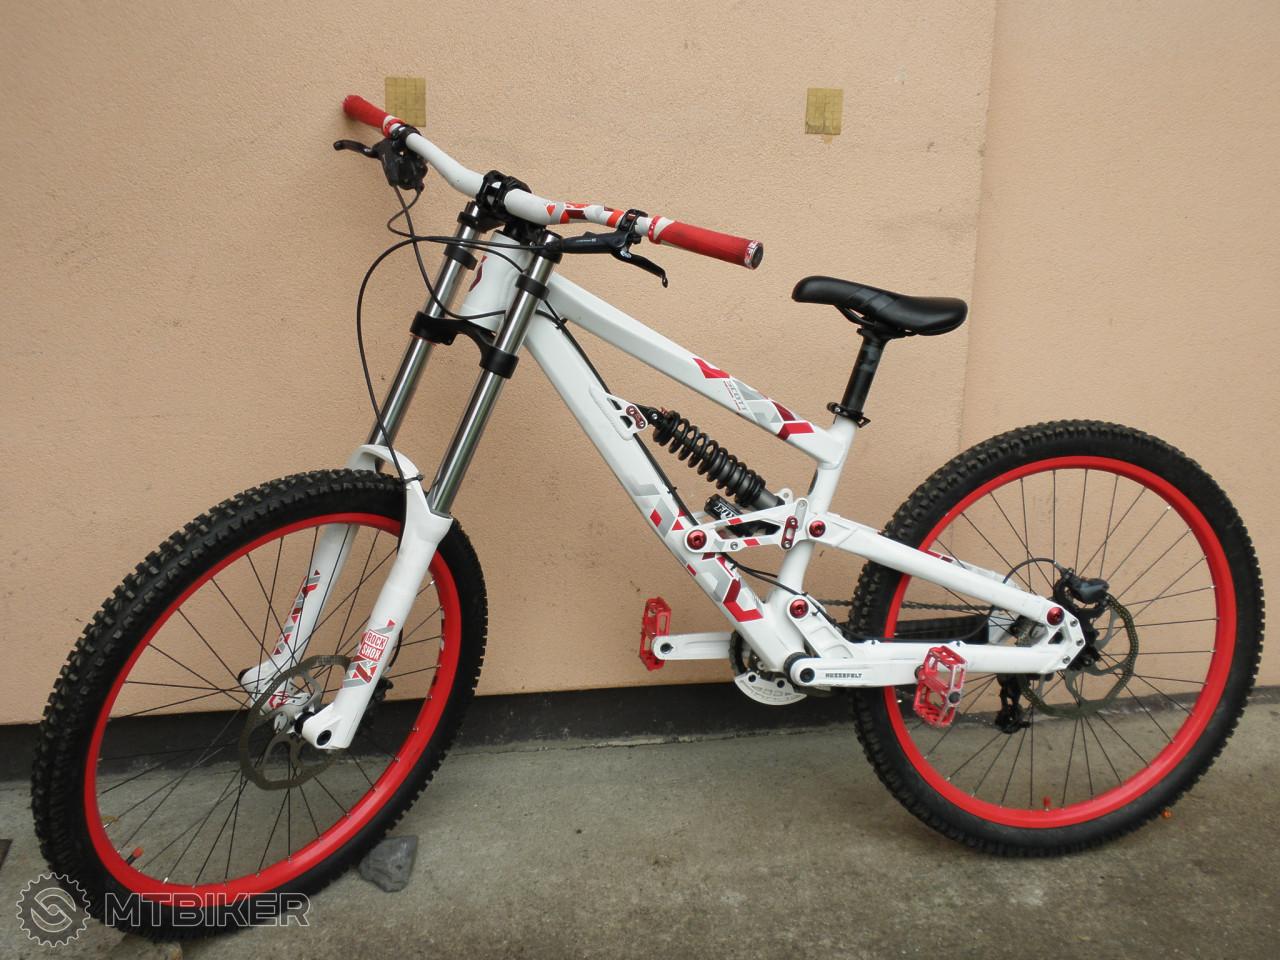 b83156e0a Scott Voltage Fr20 2012 - Bicykle - Celoodpružené - Bazár MTBIKER